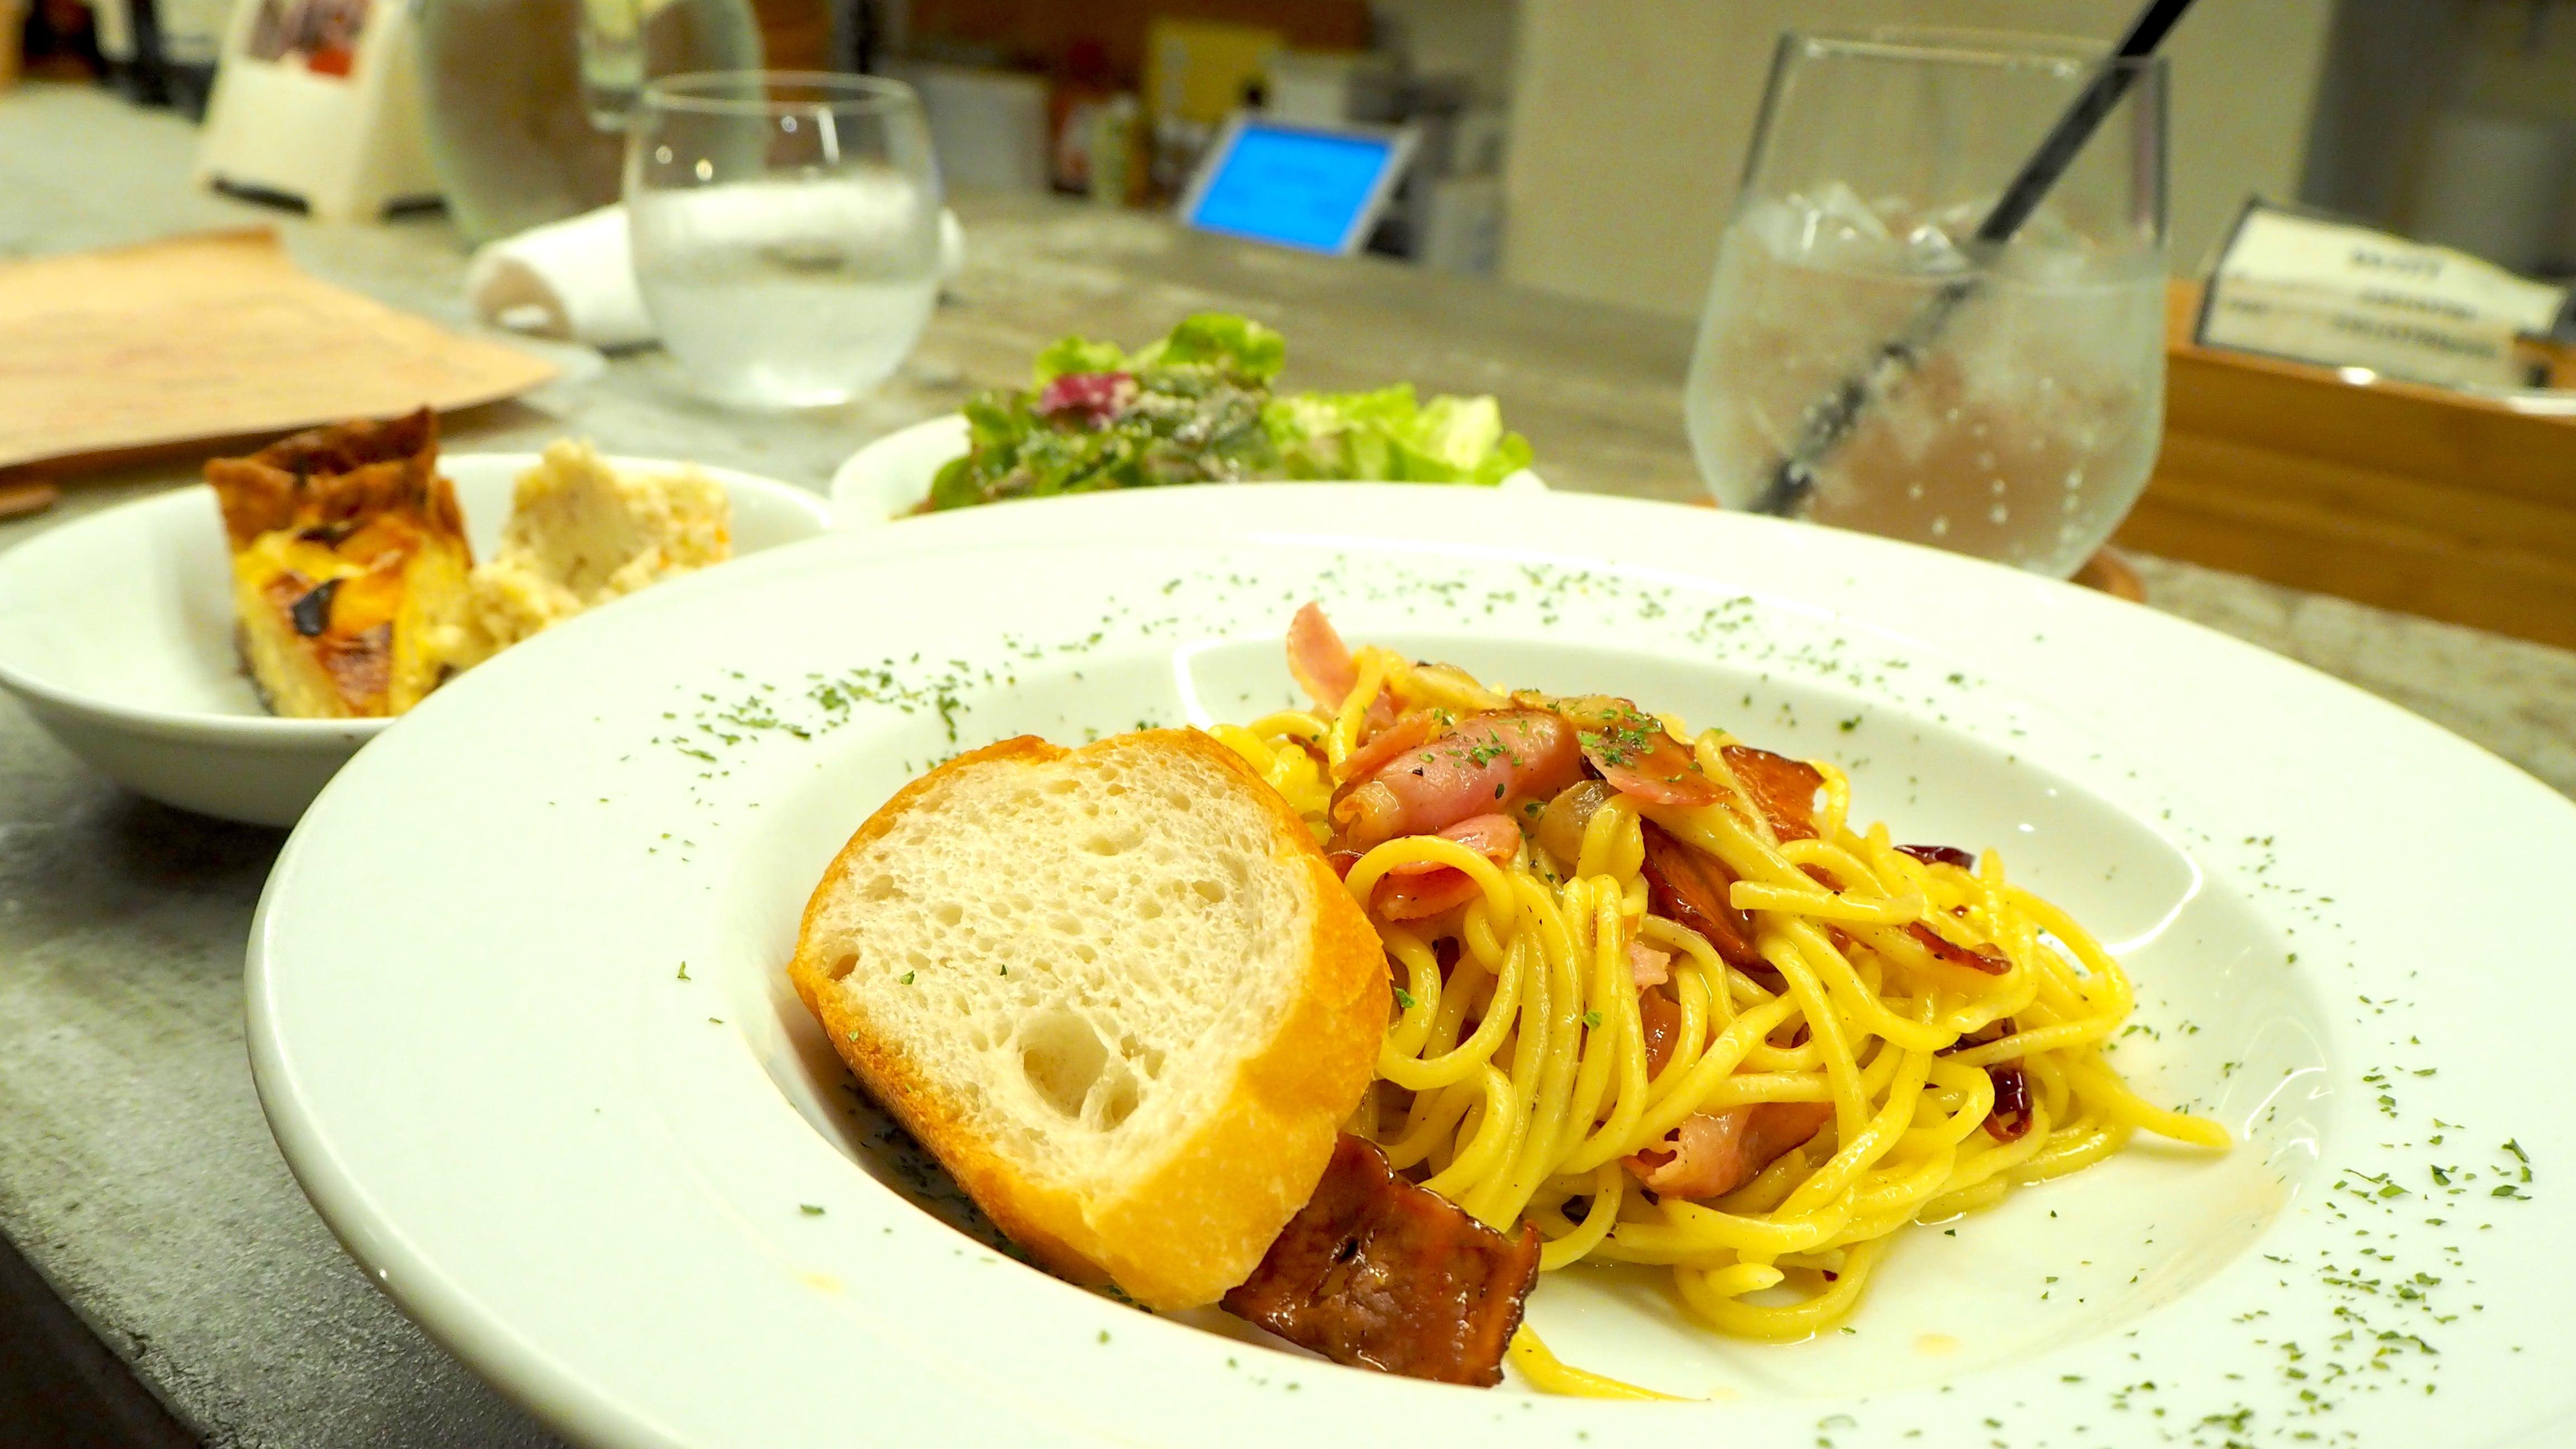 矢場町の隠れ家ビストロカフェ「tredi トレディ」の贅沢燻製ランチ - tredi2